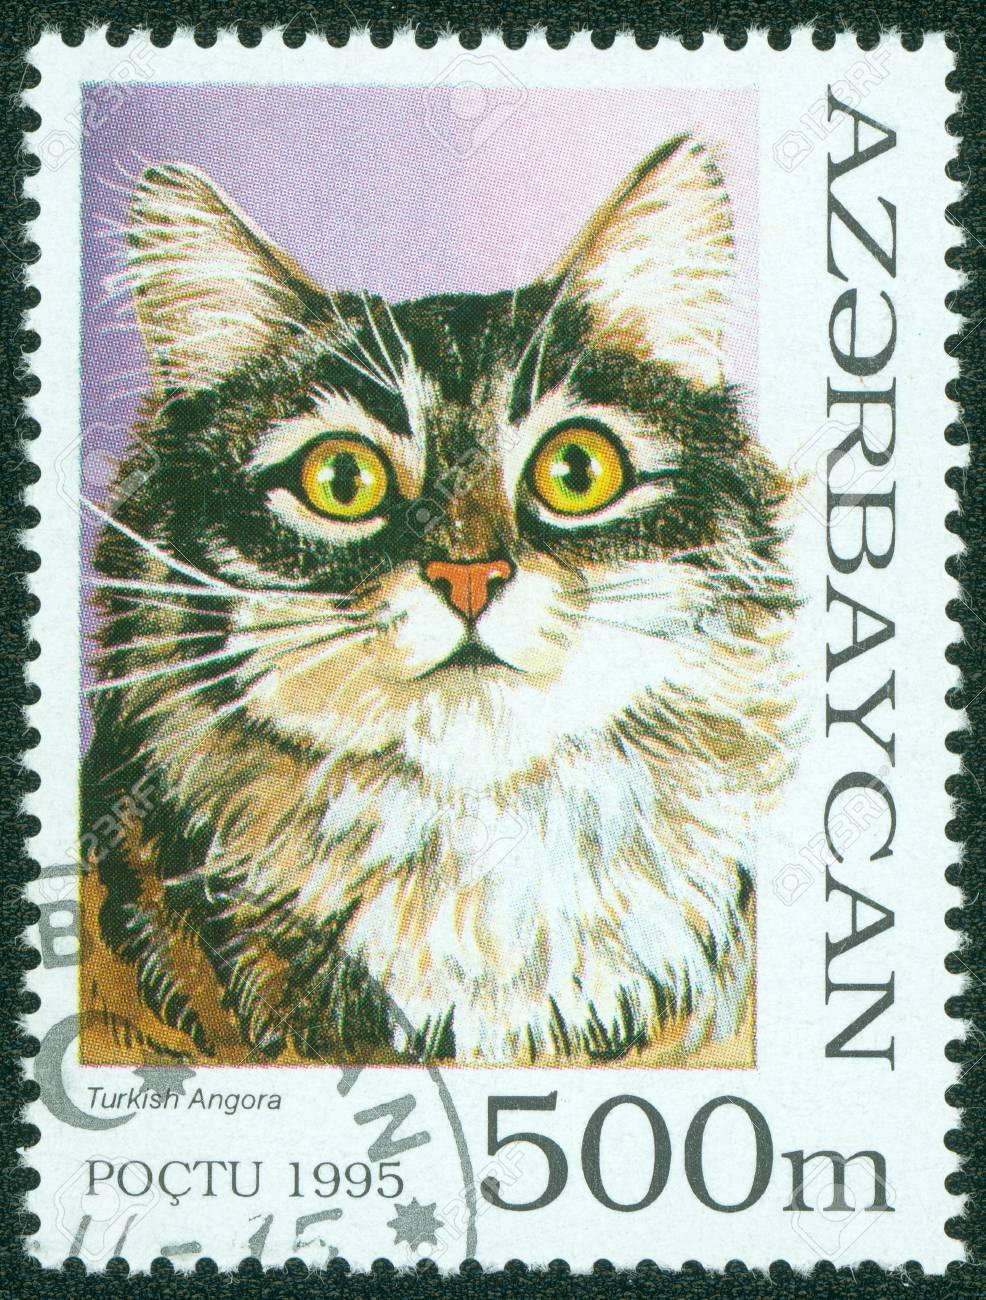 AZERBAIJAN - CIRCA 1995  A stamp printed in Azerbaijan shows cat, circa 1995 Stock Photo - 15854916